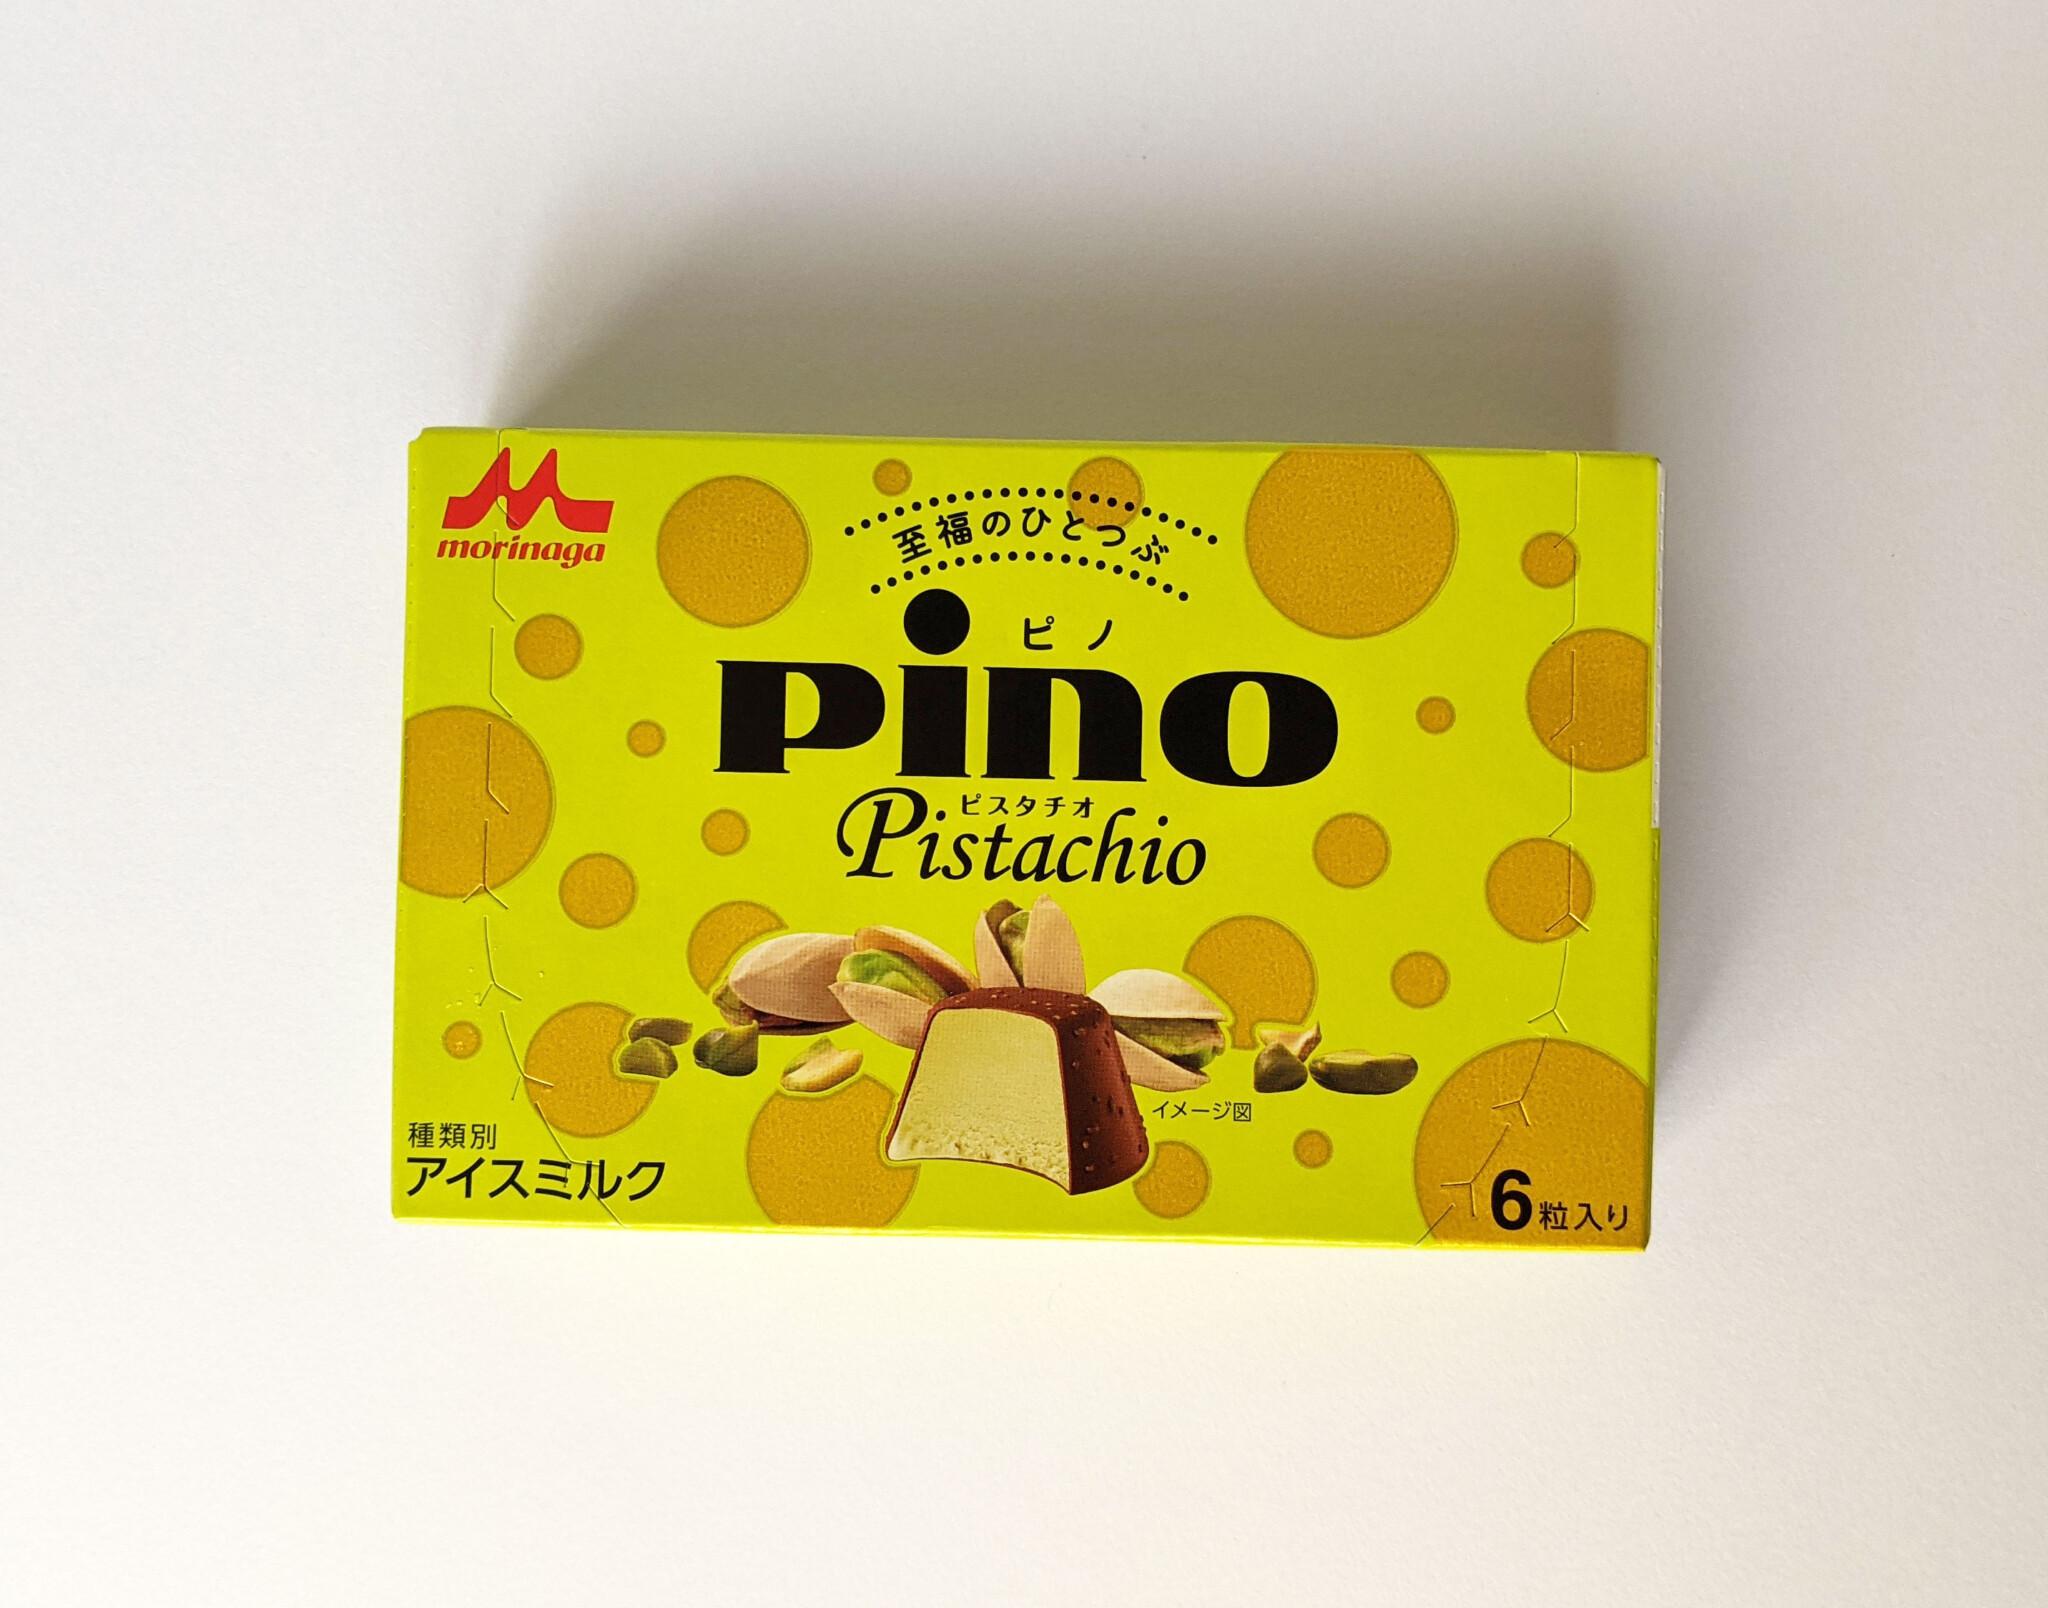 コンビニアイス 雪見だいふく ピノ アイスの実 ピノ占い アイス